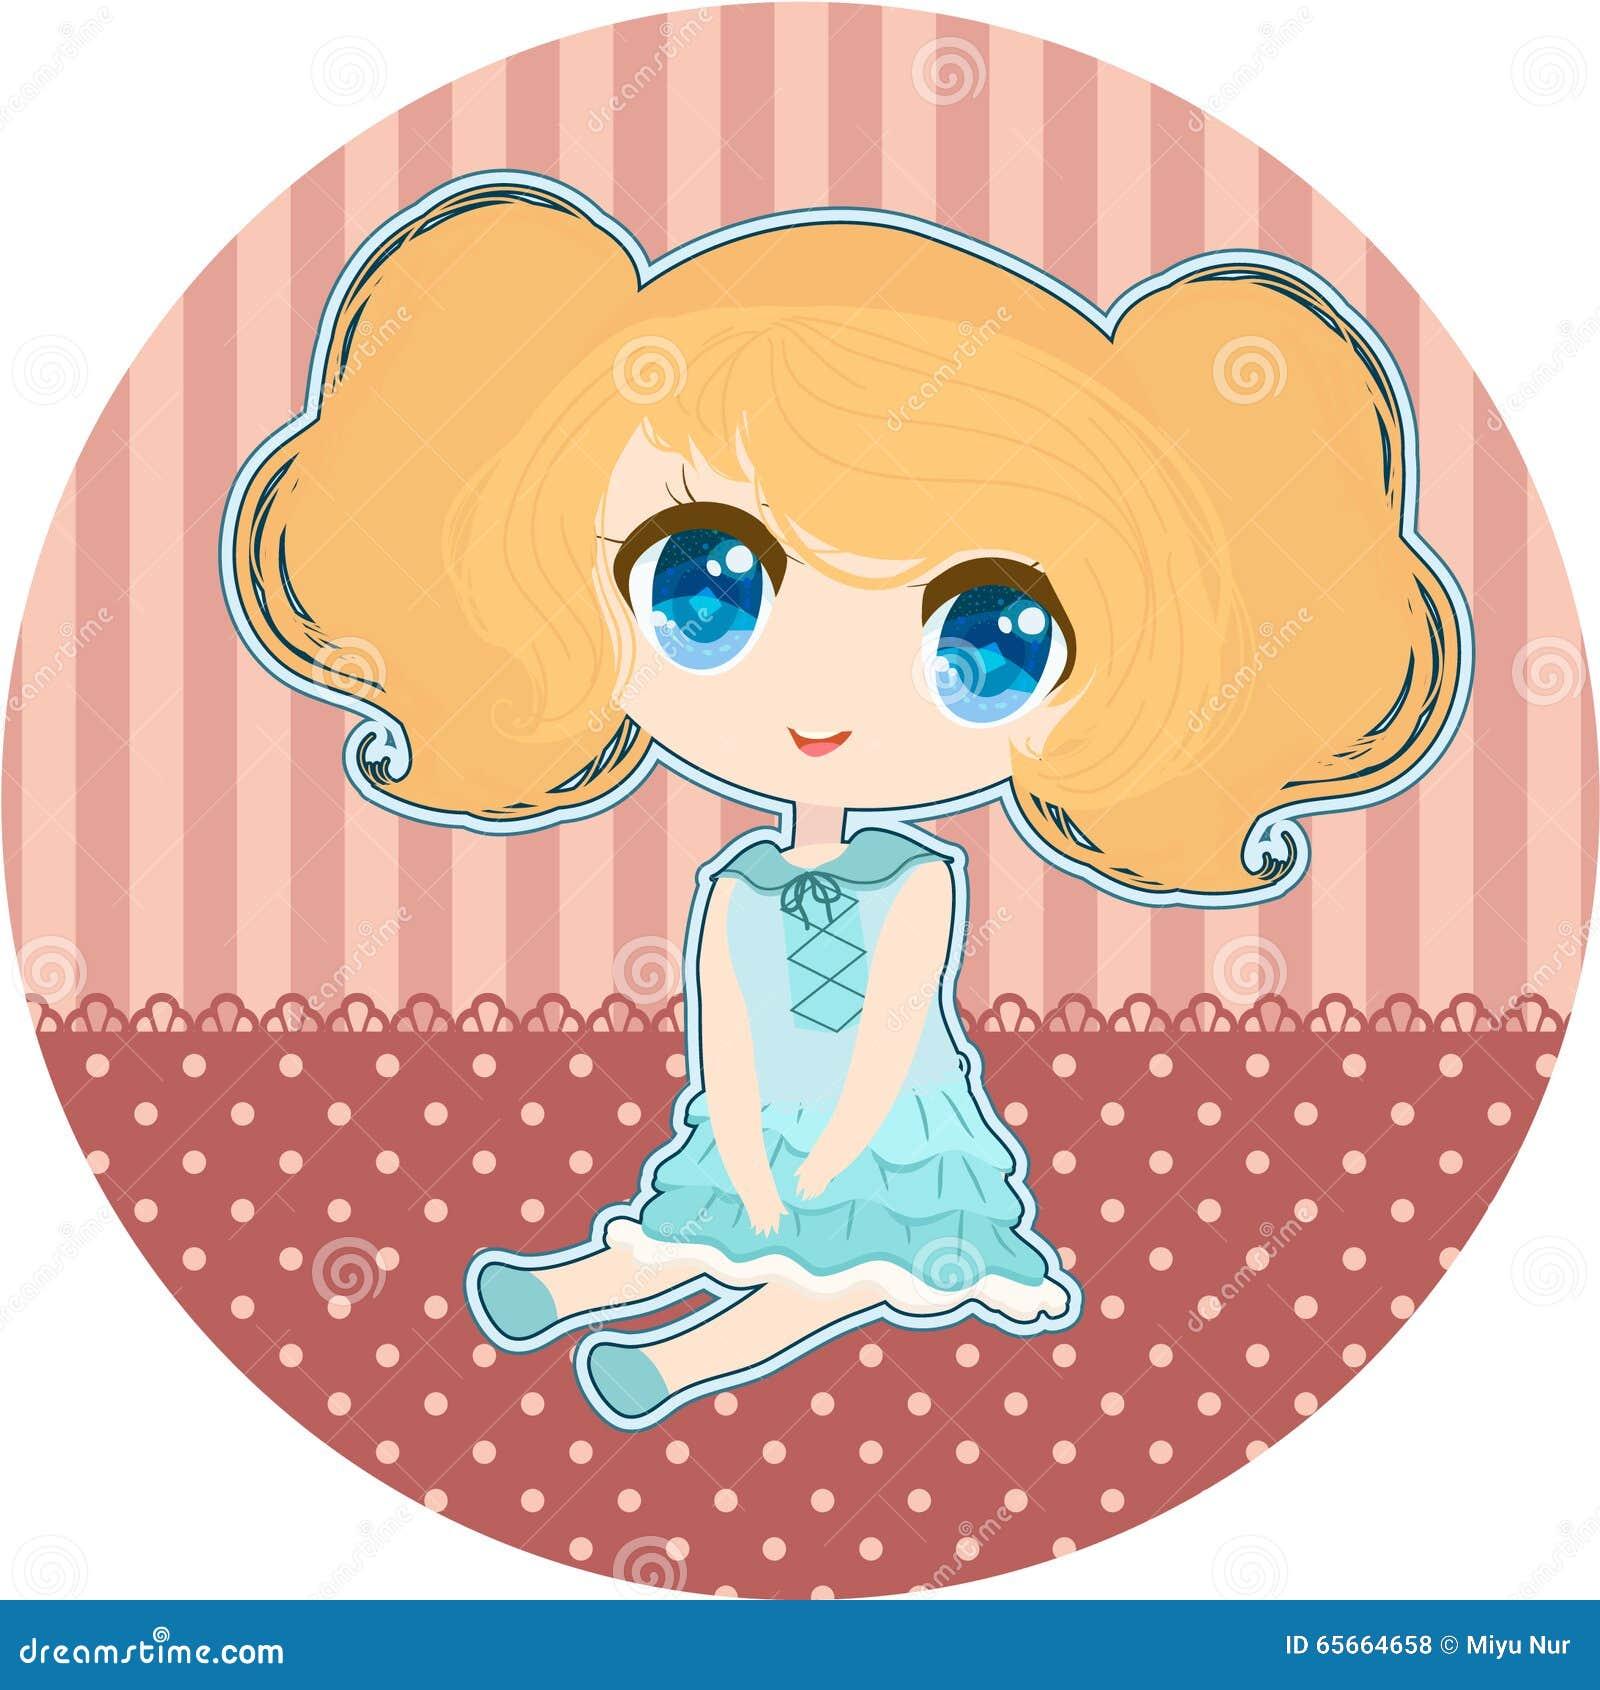 Little anime girl